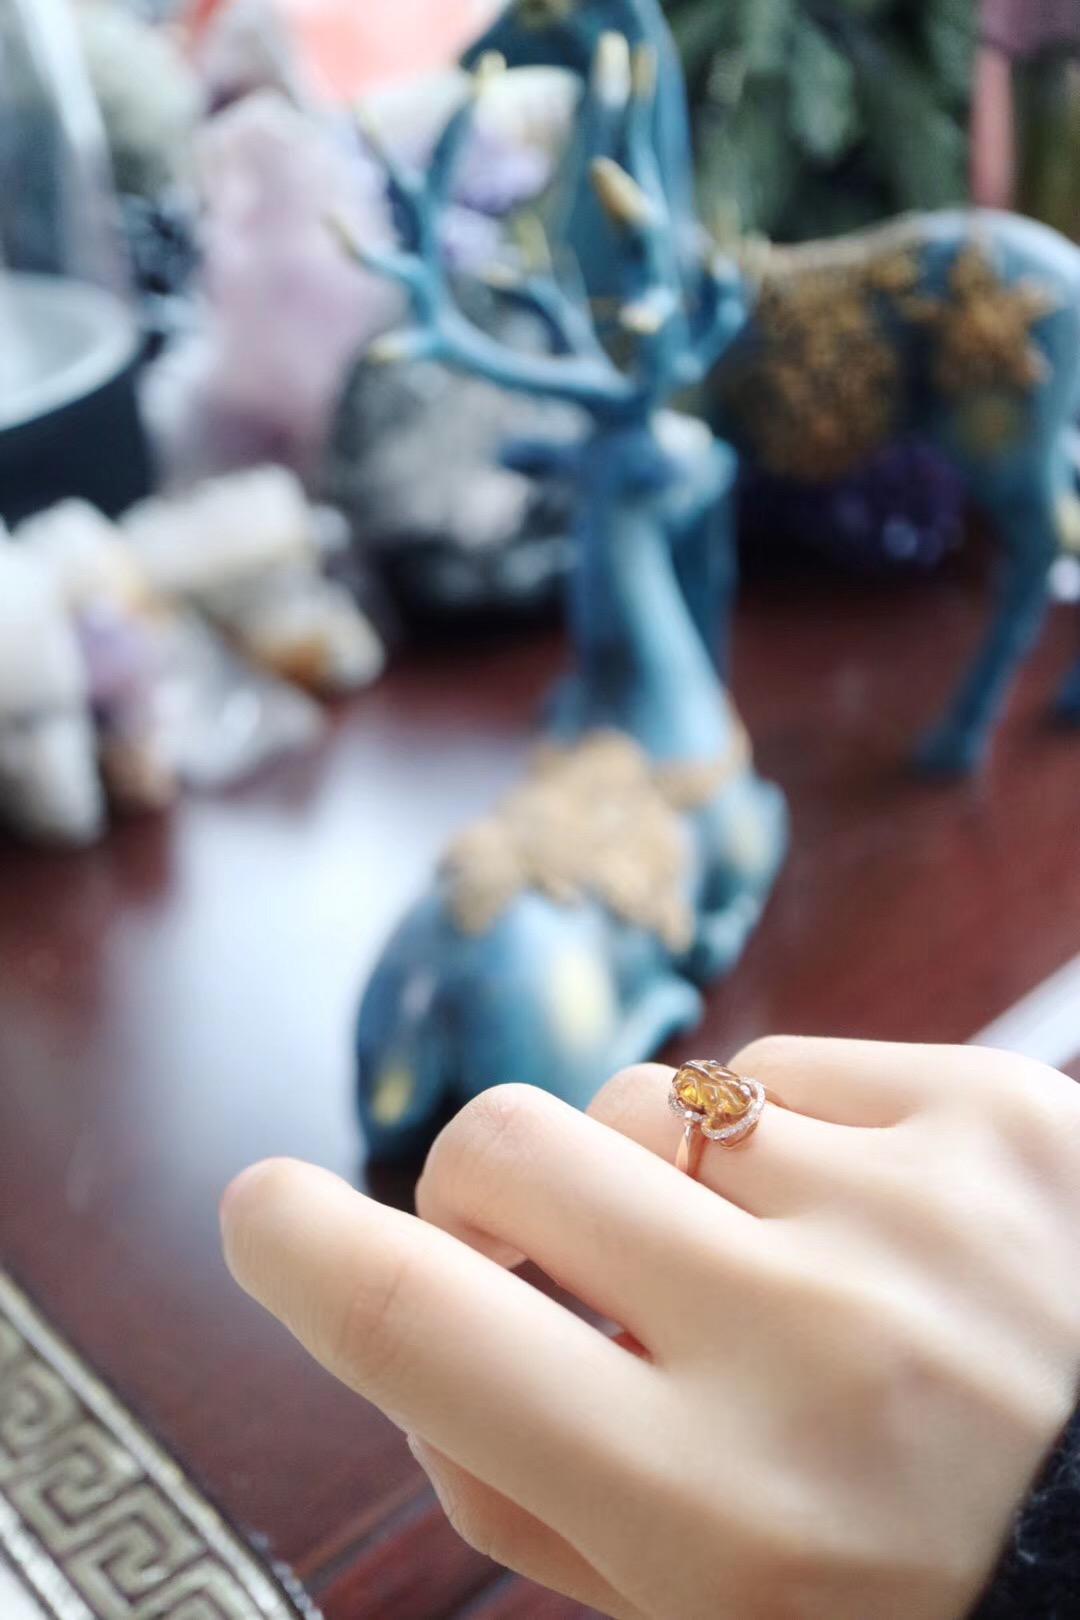 【菩心-碧玺18k金钻戒】一枚可爱的黄碧玺叶子戒-菩心晶舍